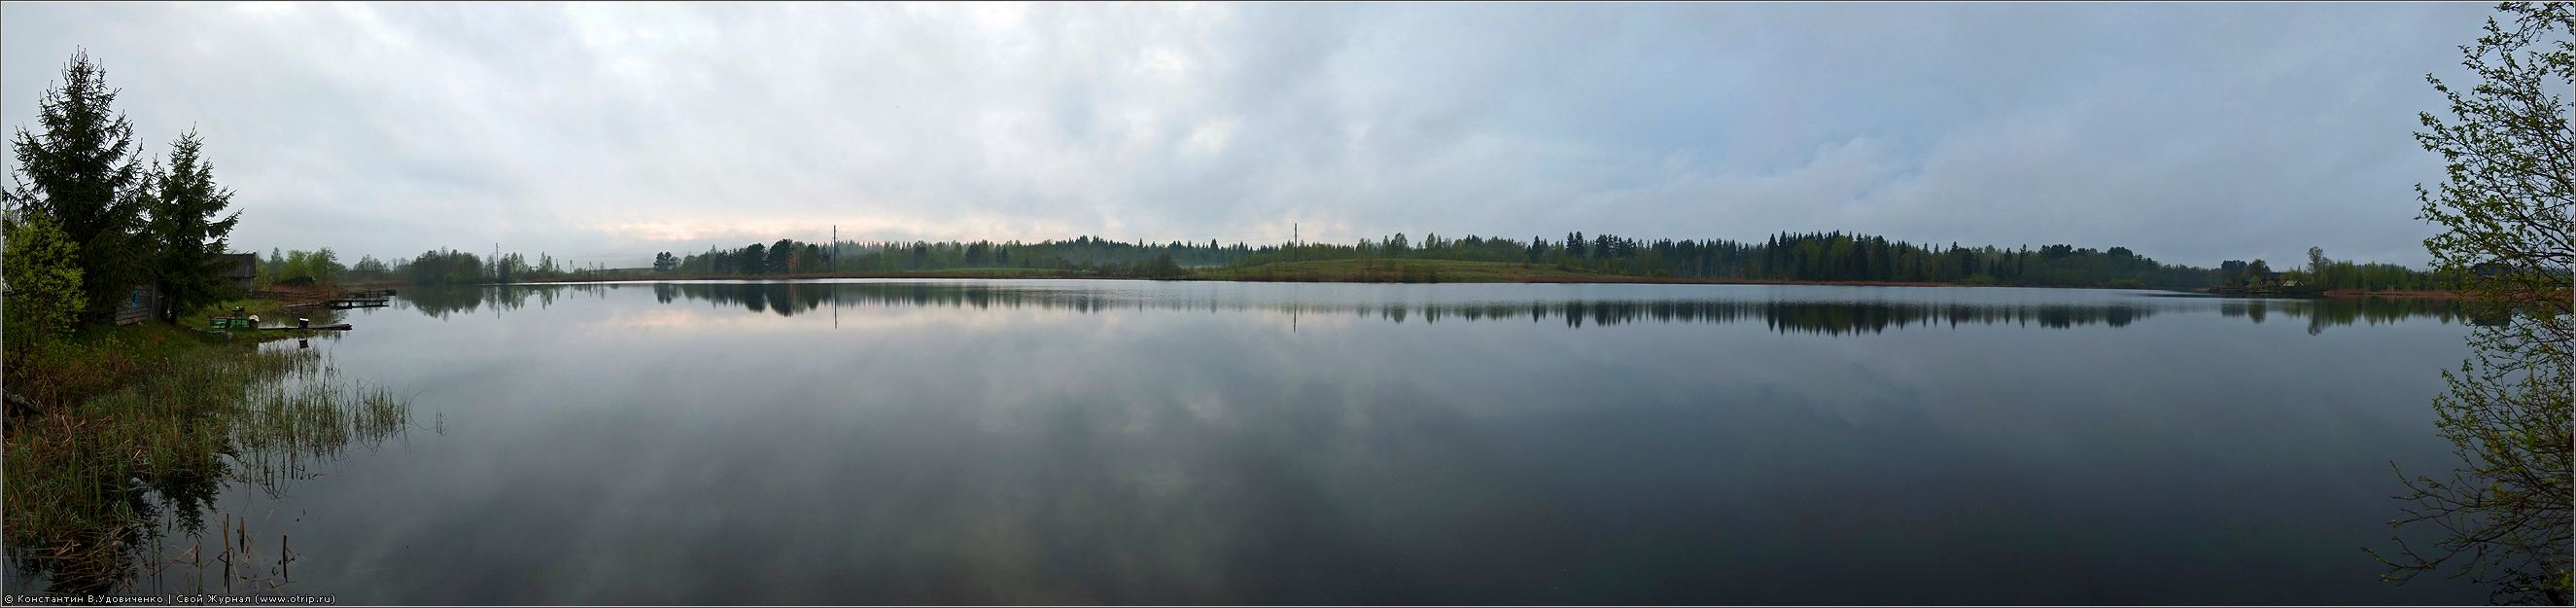 9936-9948-12208x3120s_2.jpg - Новгородская область (10-15.05.2010)